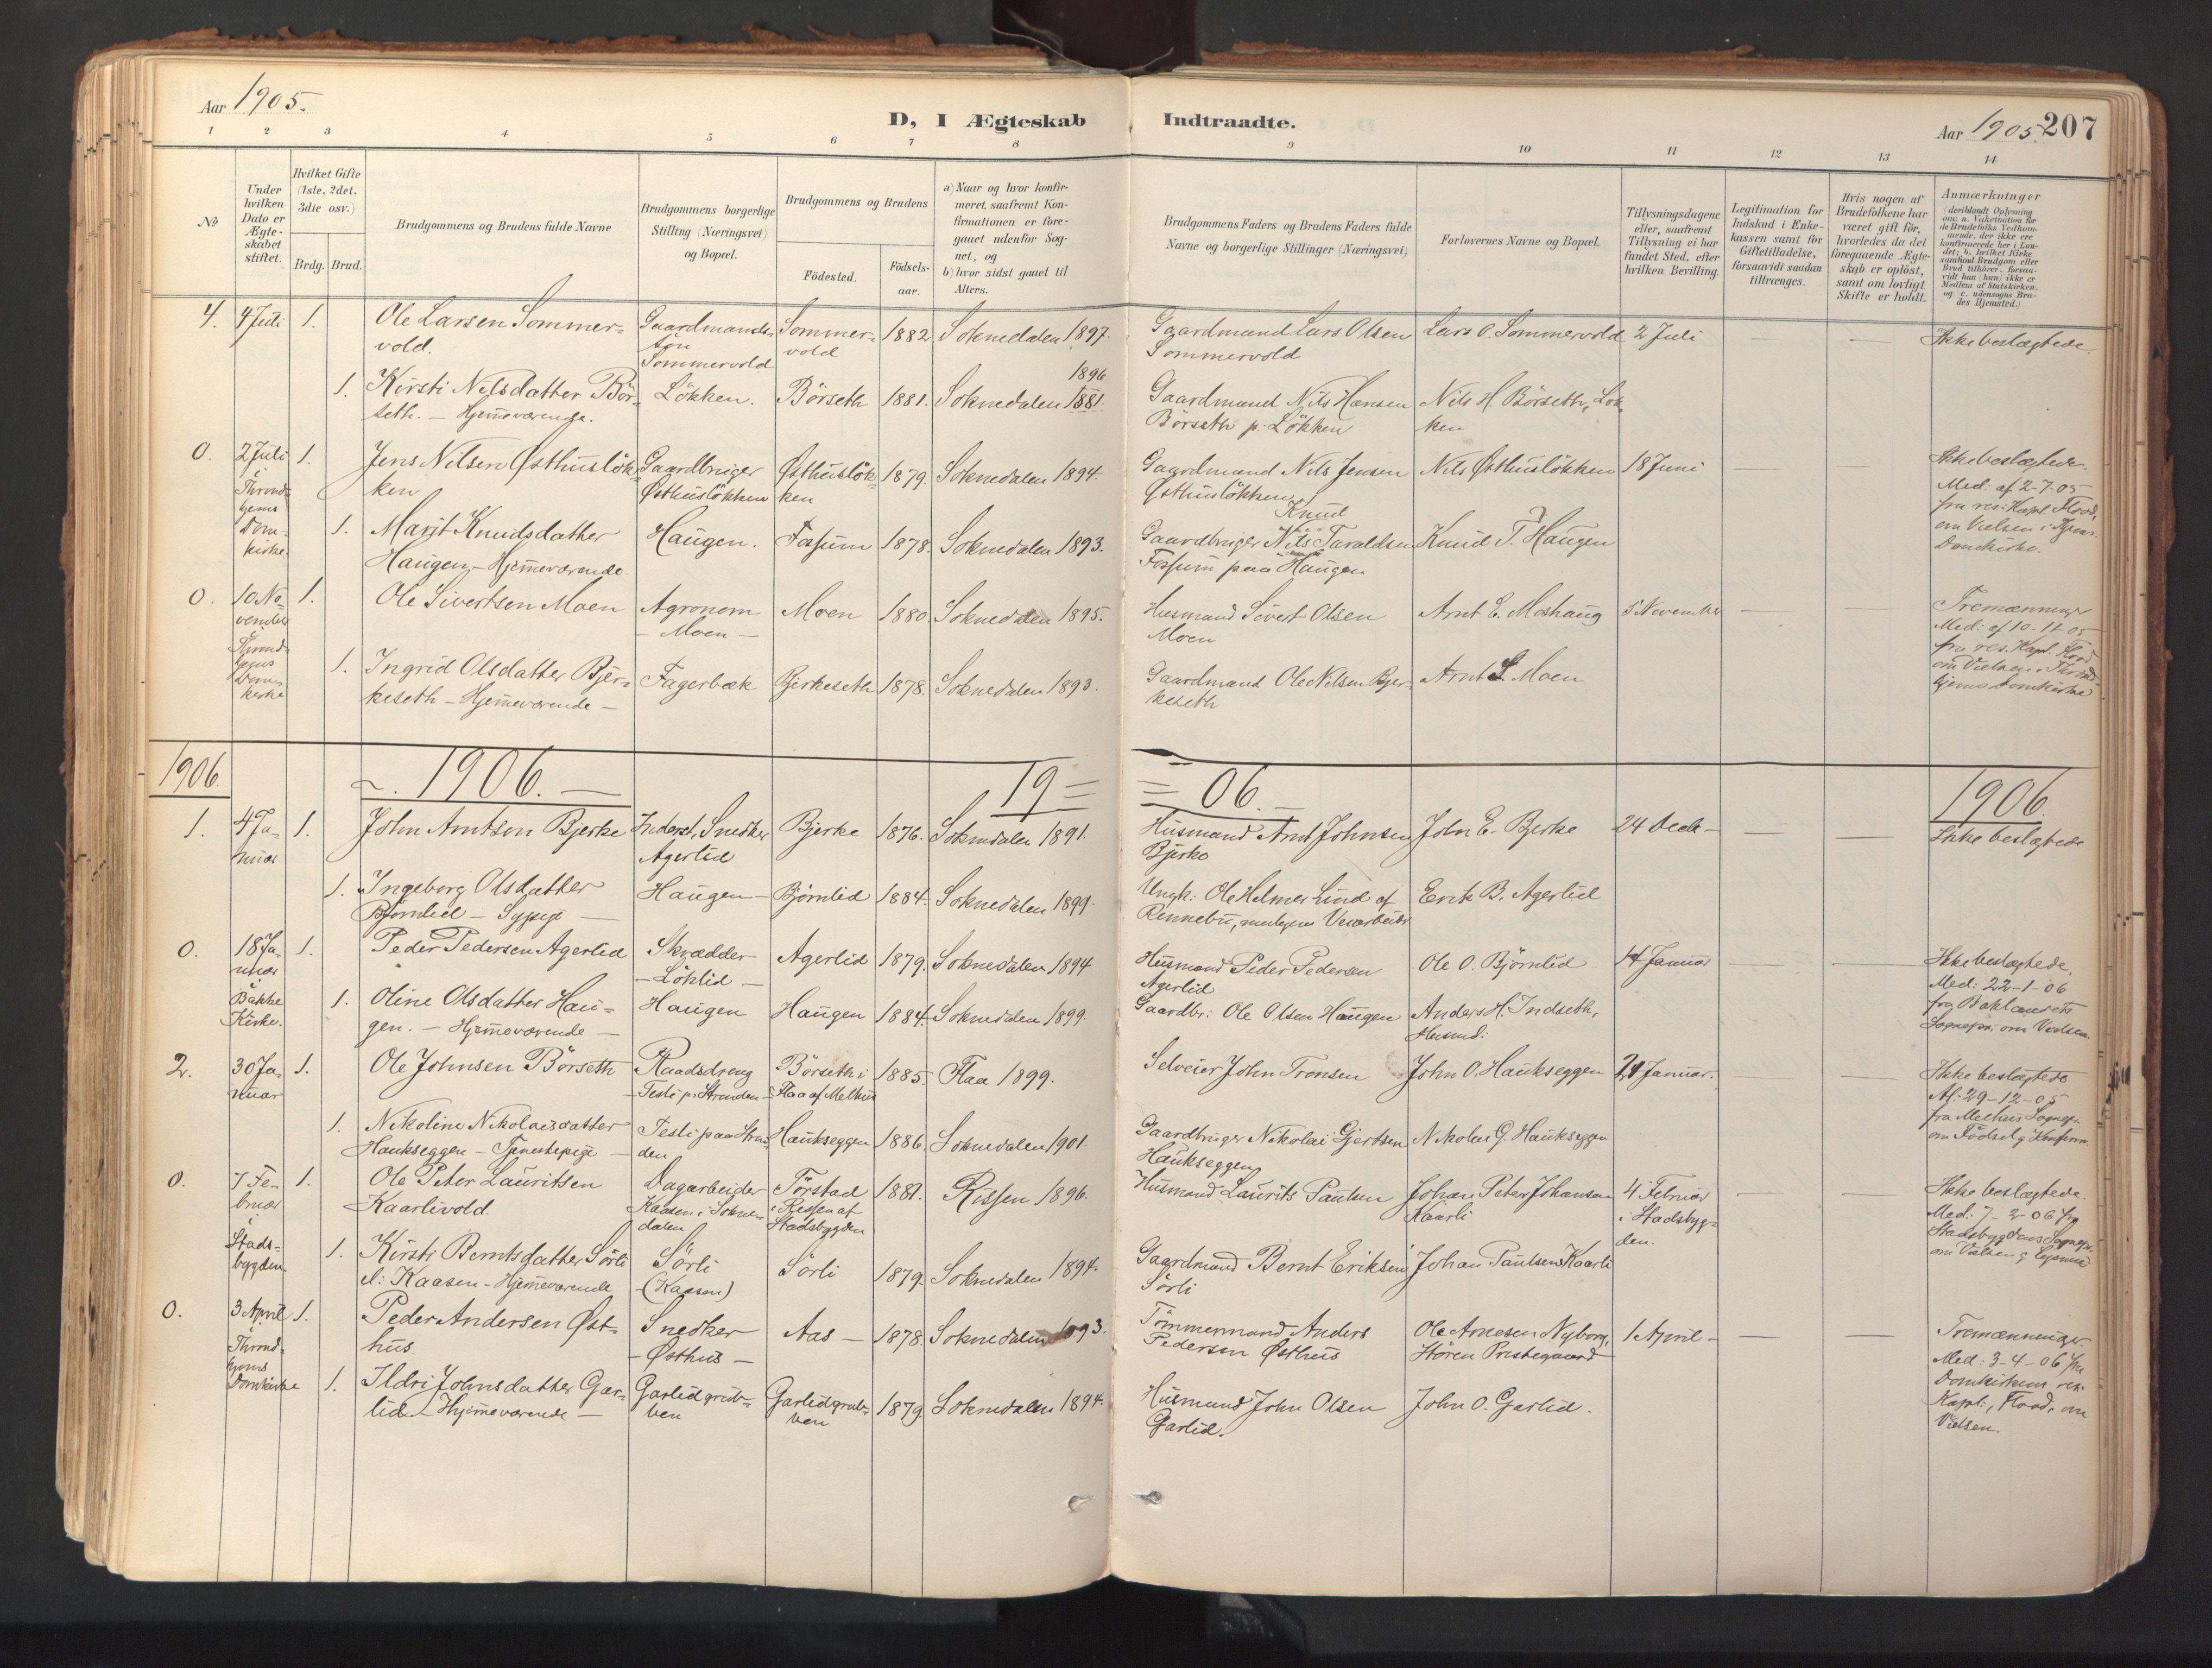 SAT, Ministerialprotokoller, klokkerbøker og fødselsregistre - Sør-Trøndelag, 689/L1041: Ministerialbok nr. 689A06, 1891-1923, s. 207